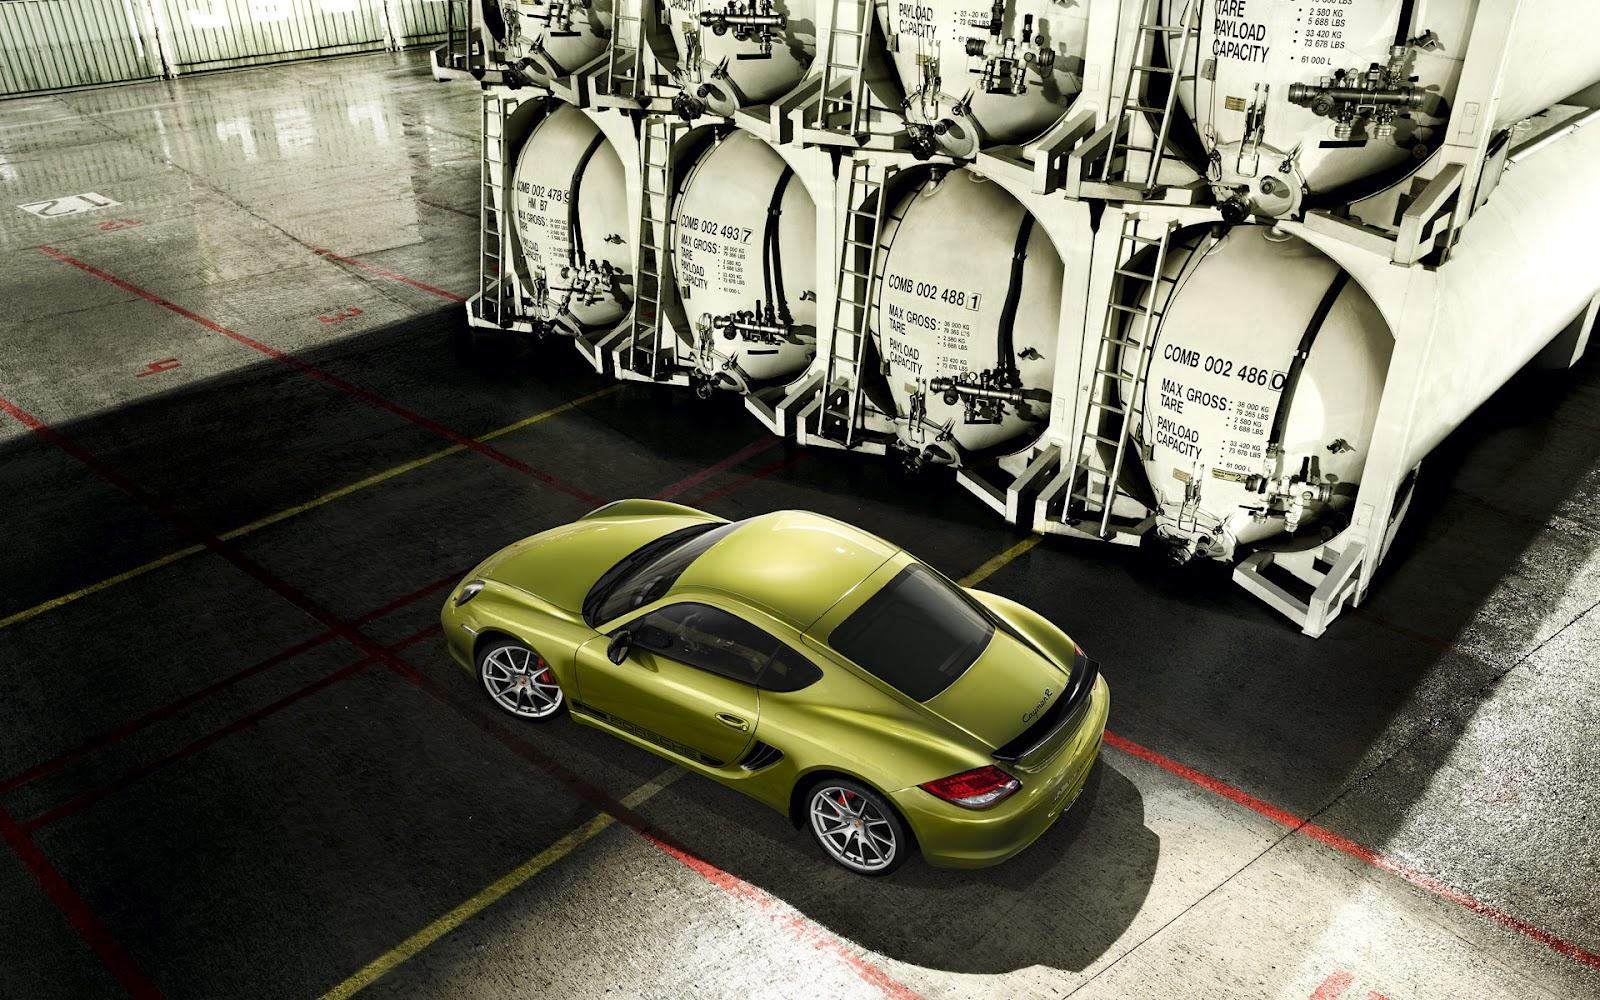 http://2.bp.blogspot.com/-Qu22ut1LOCw/UBfqFacDioI/AAAAAAAAAmo/sbm6D93a97A/s1600/wallpaper-Porsche+Cayman+R+Exterior6.jpg